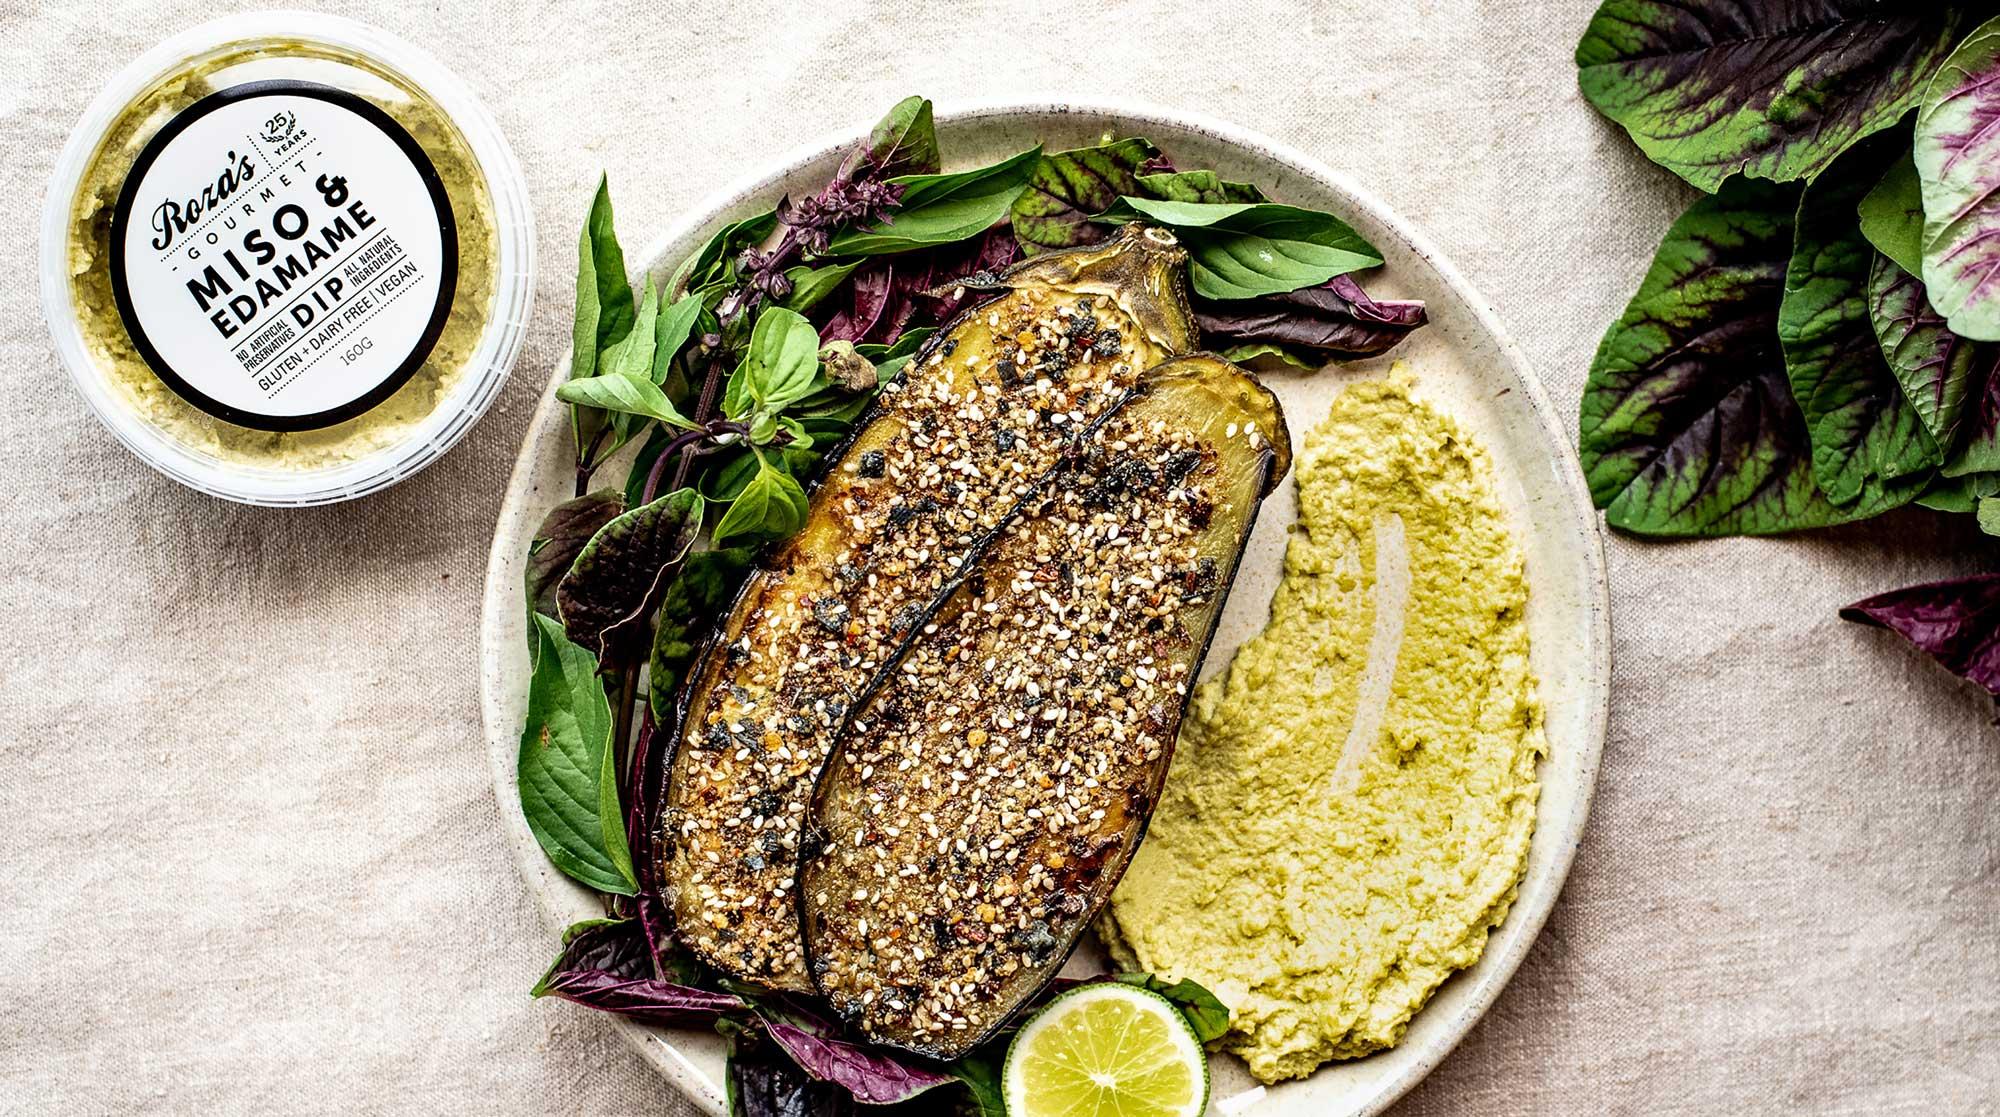 Rozas Gourmet Dips range